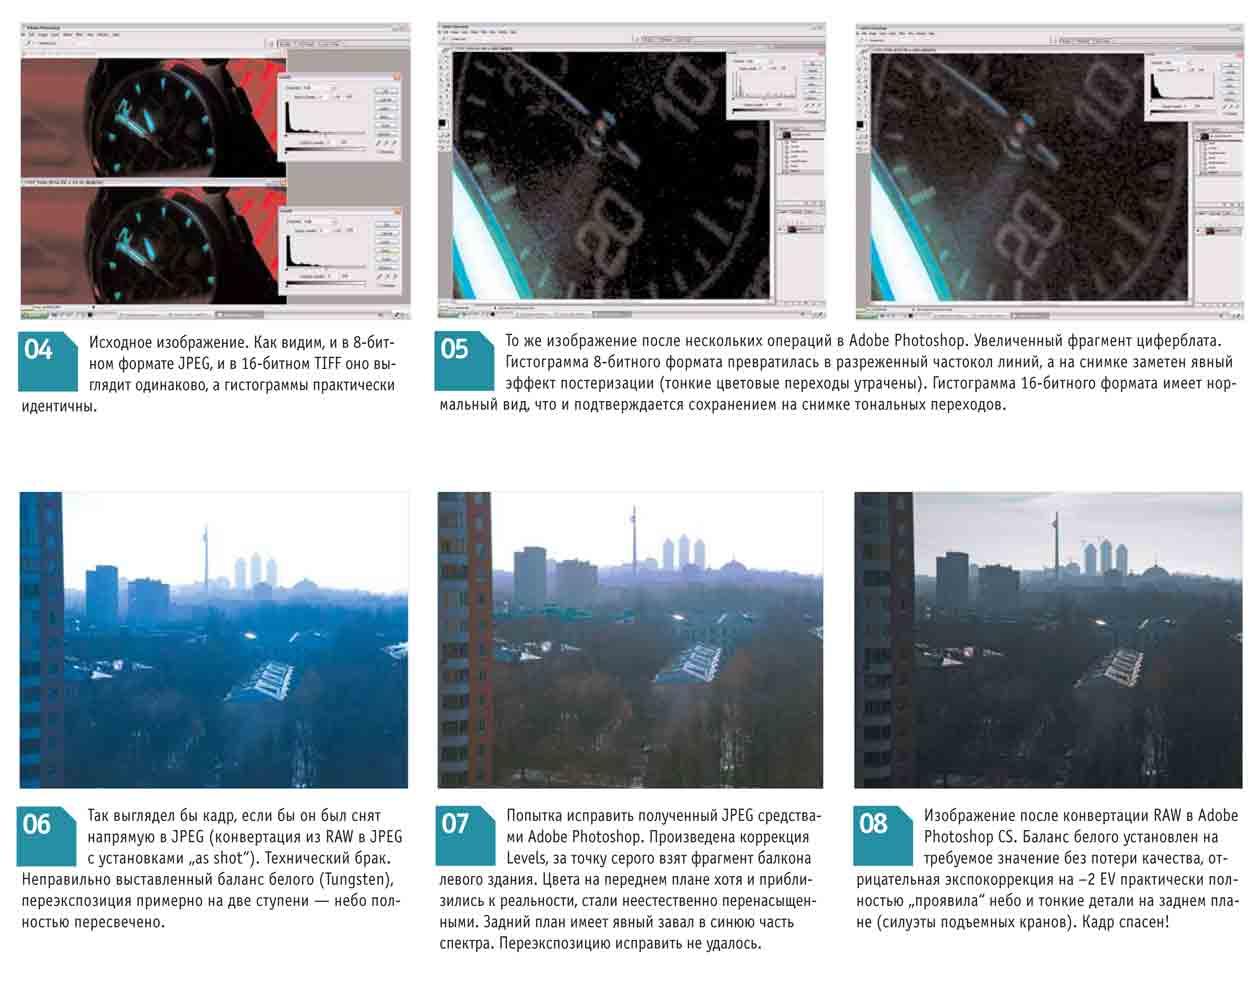 Как увеличить фото в Фотошопе без потери качества 16